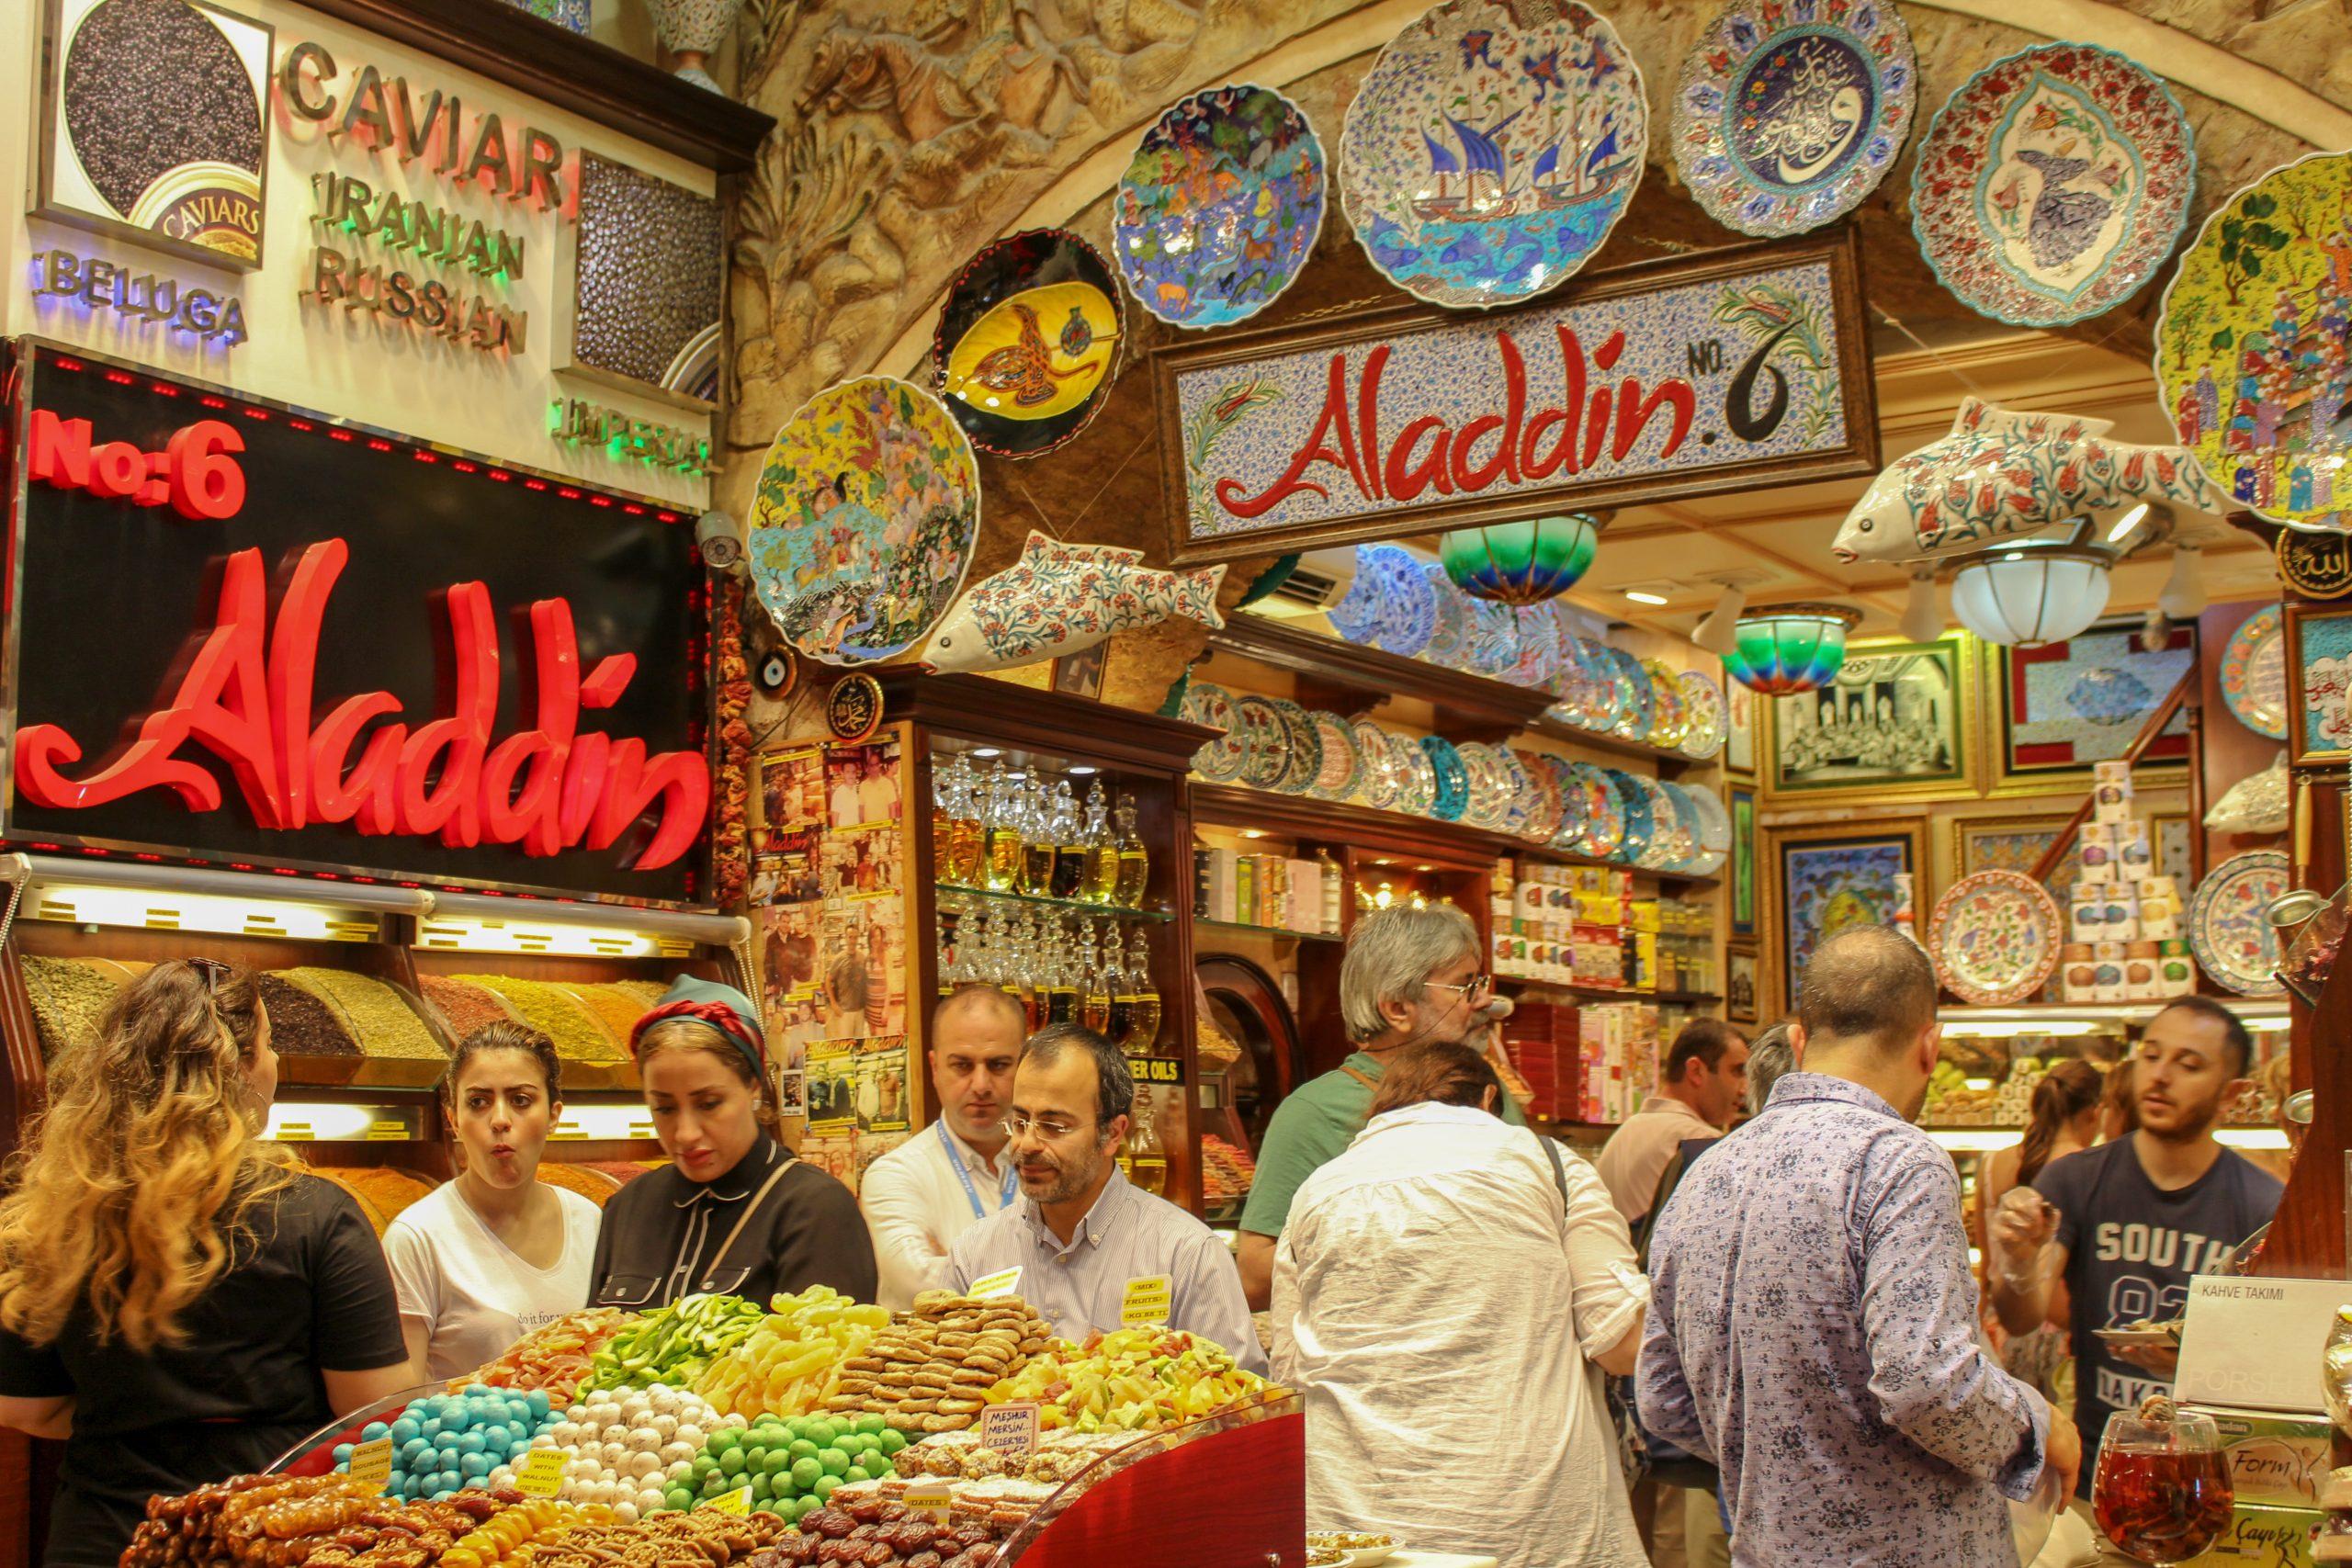 bazar_de_especiarias_istambul_loja